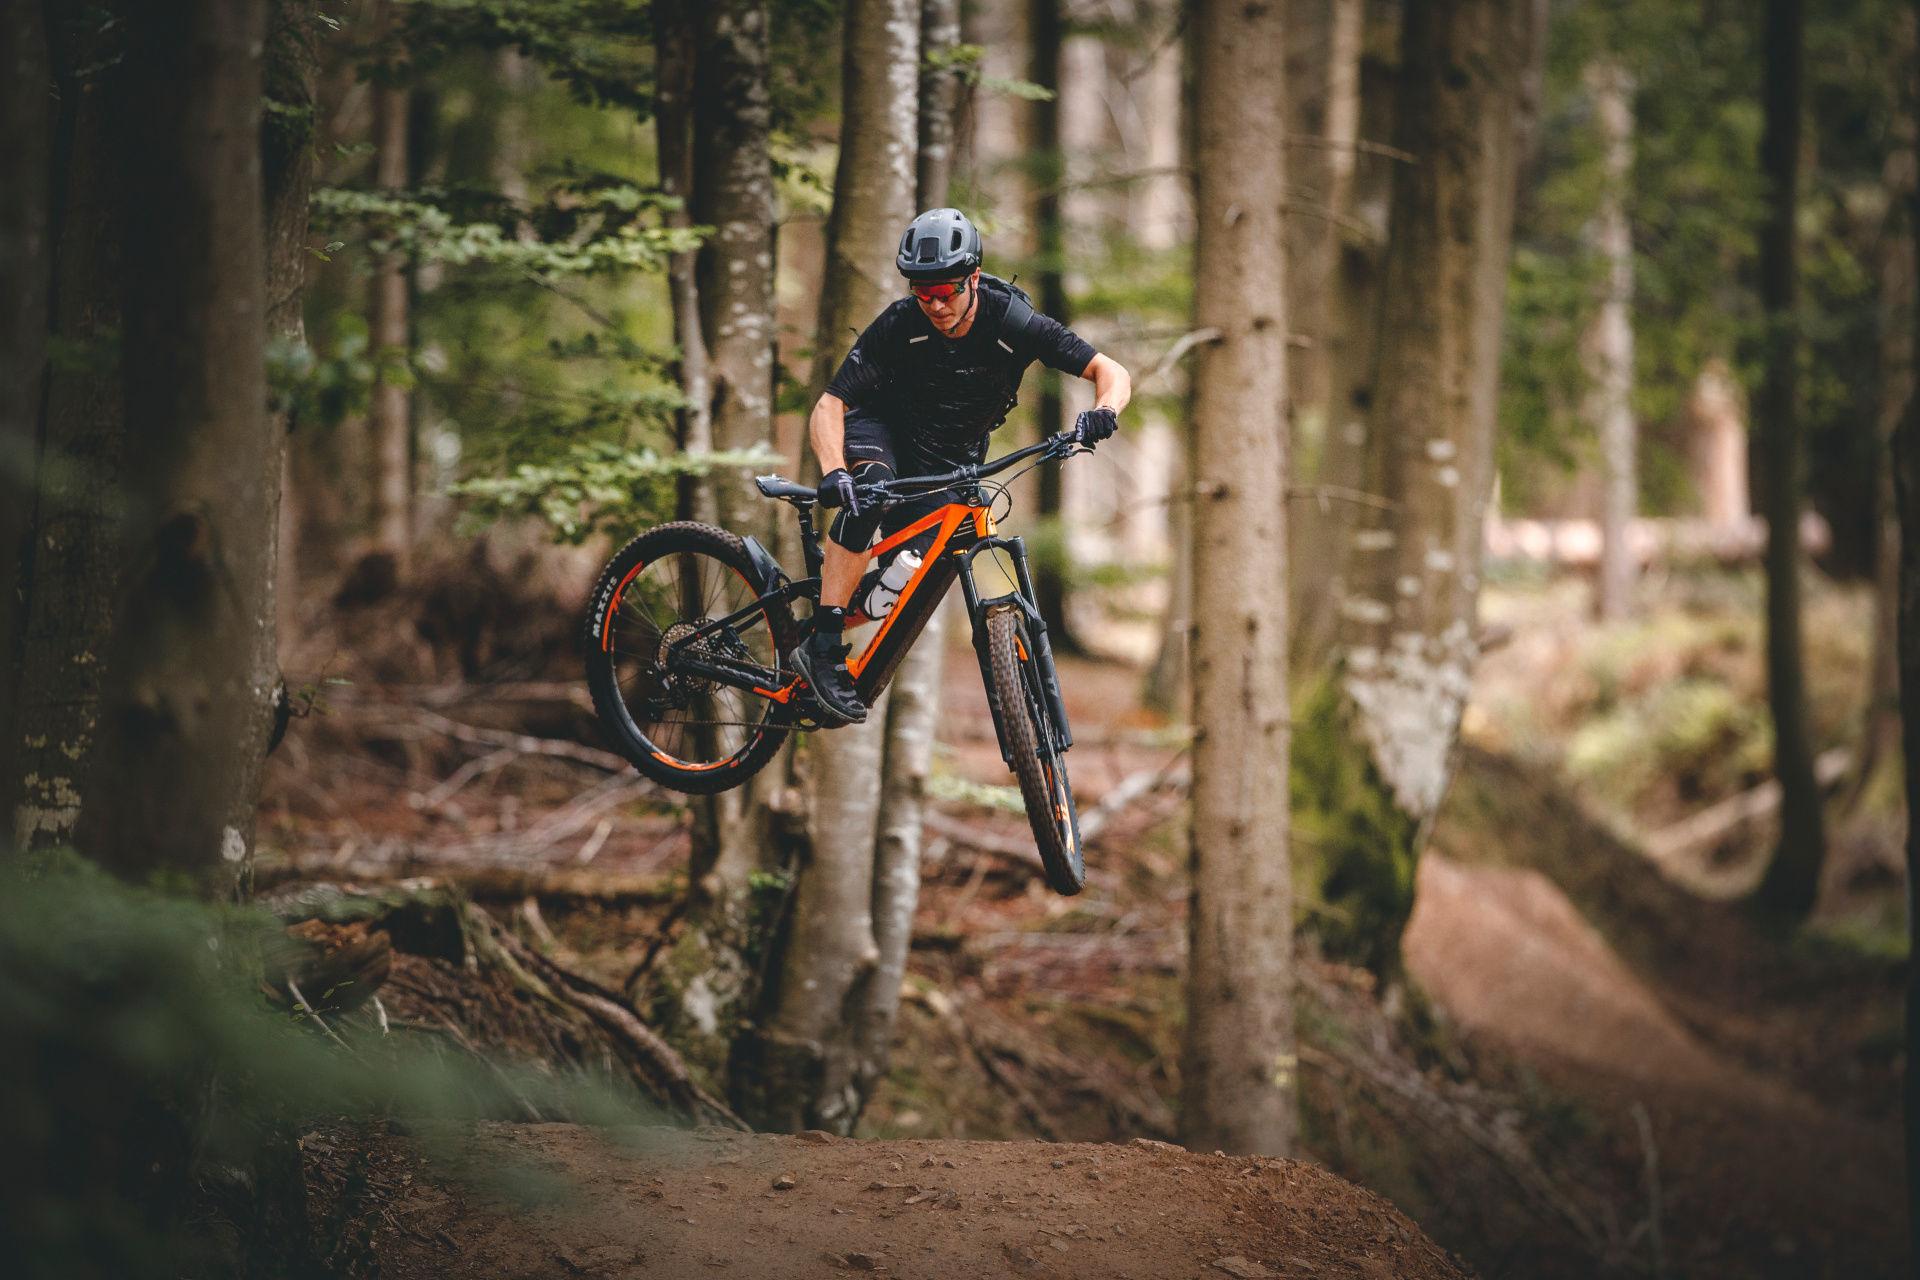 EP8, Shimano EP8, Merida eOne-Sixty, eOne-Sixty, Merida bikes, Merida, rowery Merida, rowery elektryczne, silnik Shimano, silnik EP8, e-bike, ebike, e-bikes